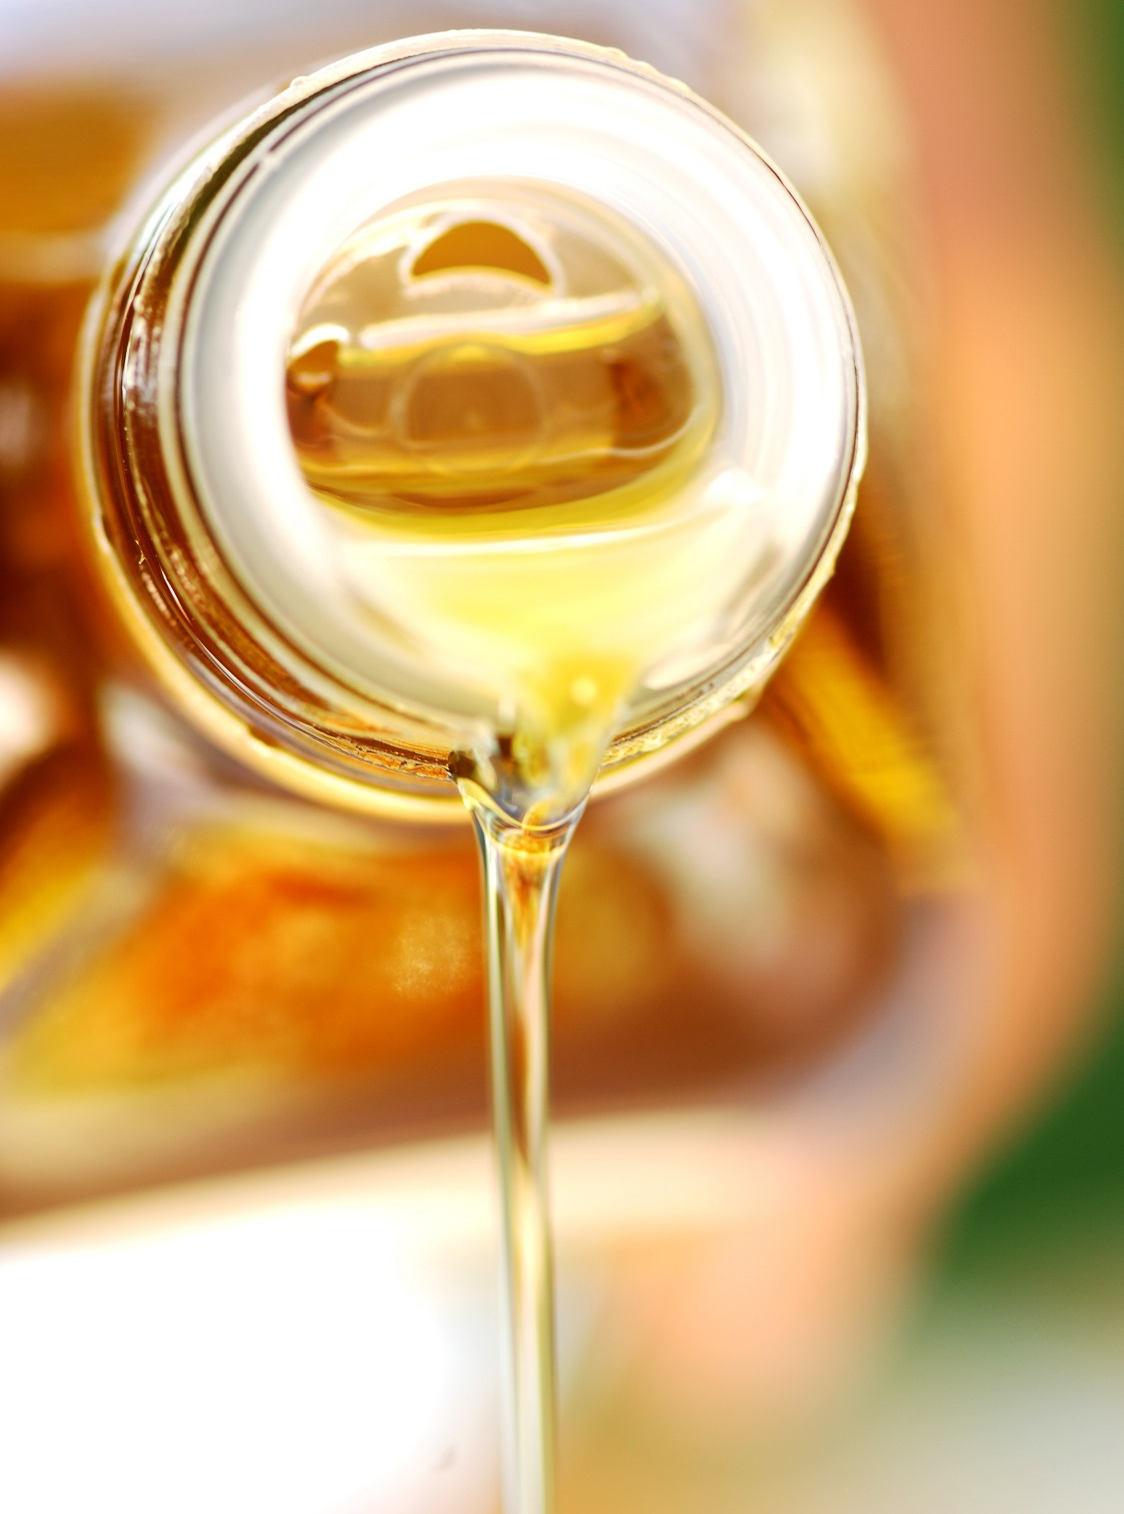 橄榄油怕冰冻吗,低温会不会影响营养品质